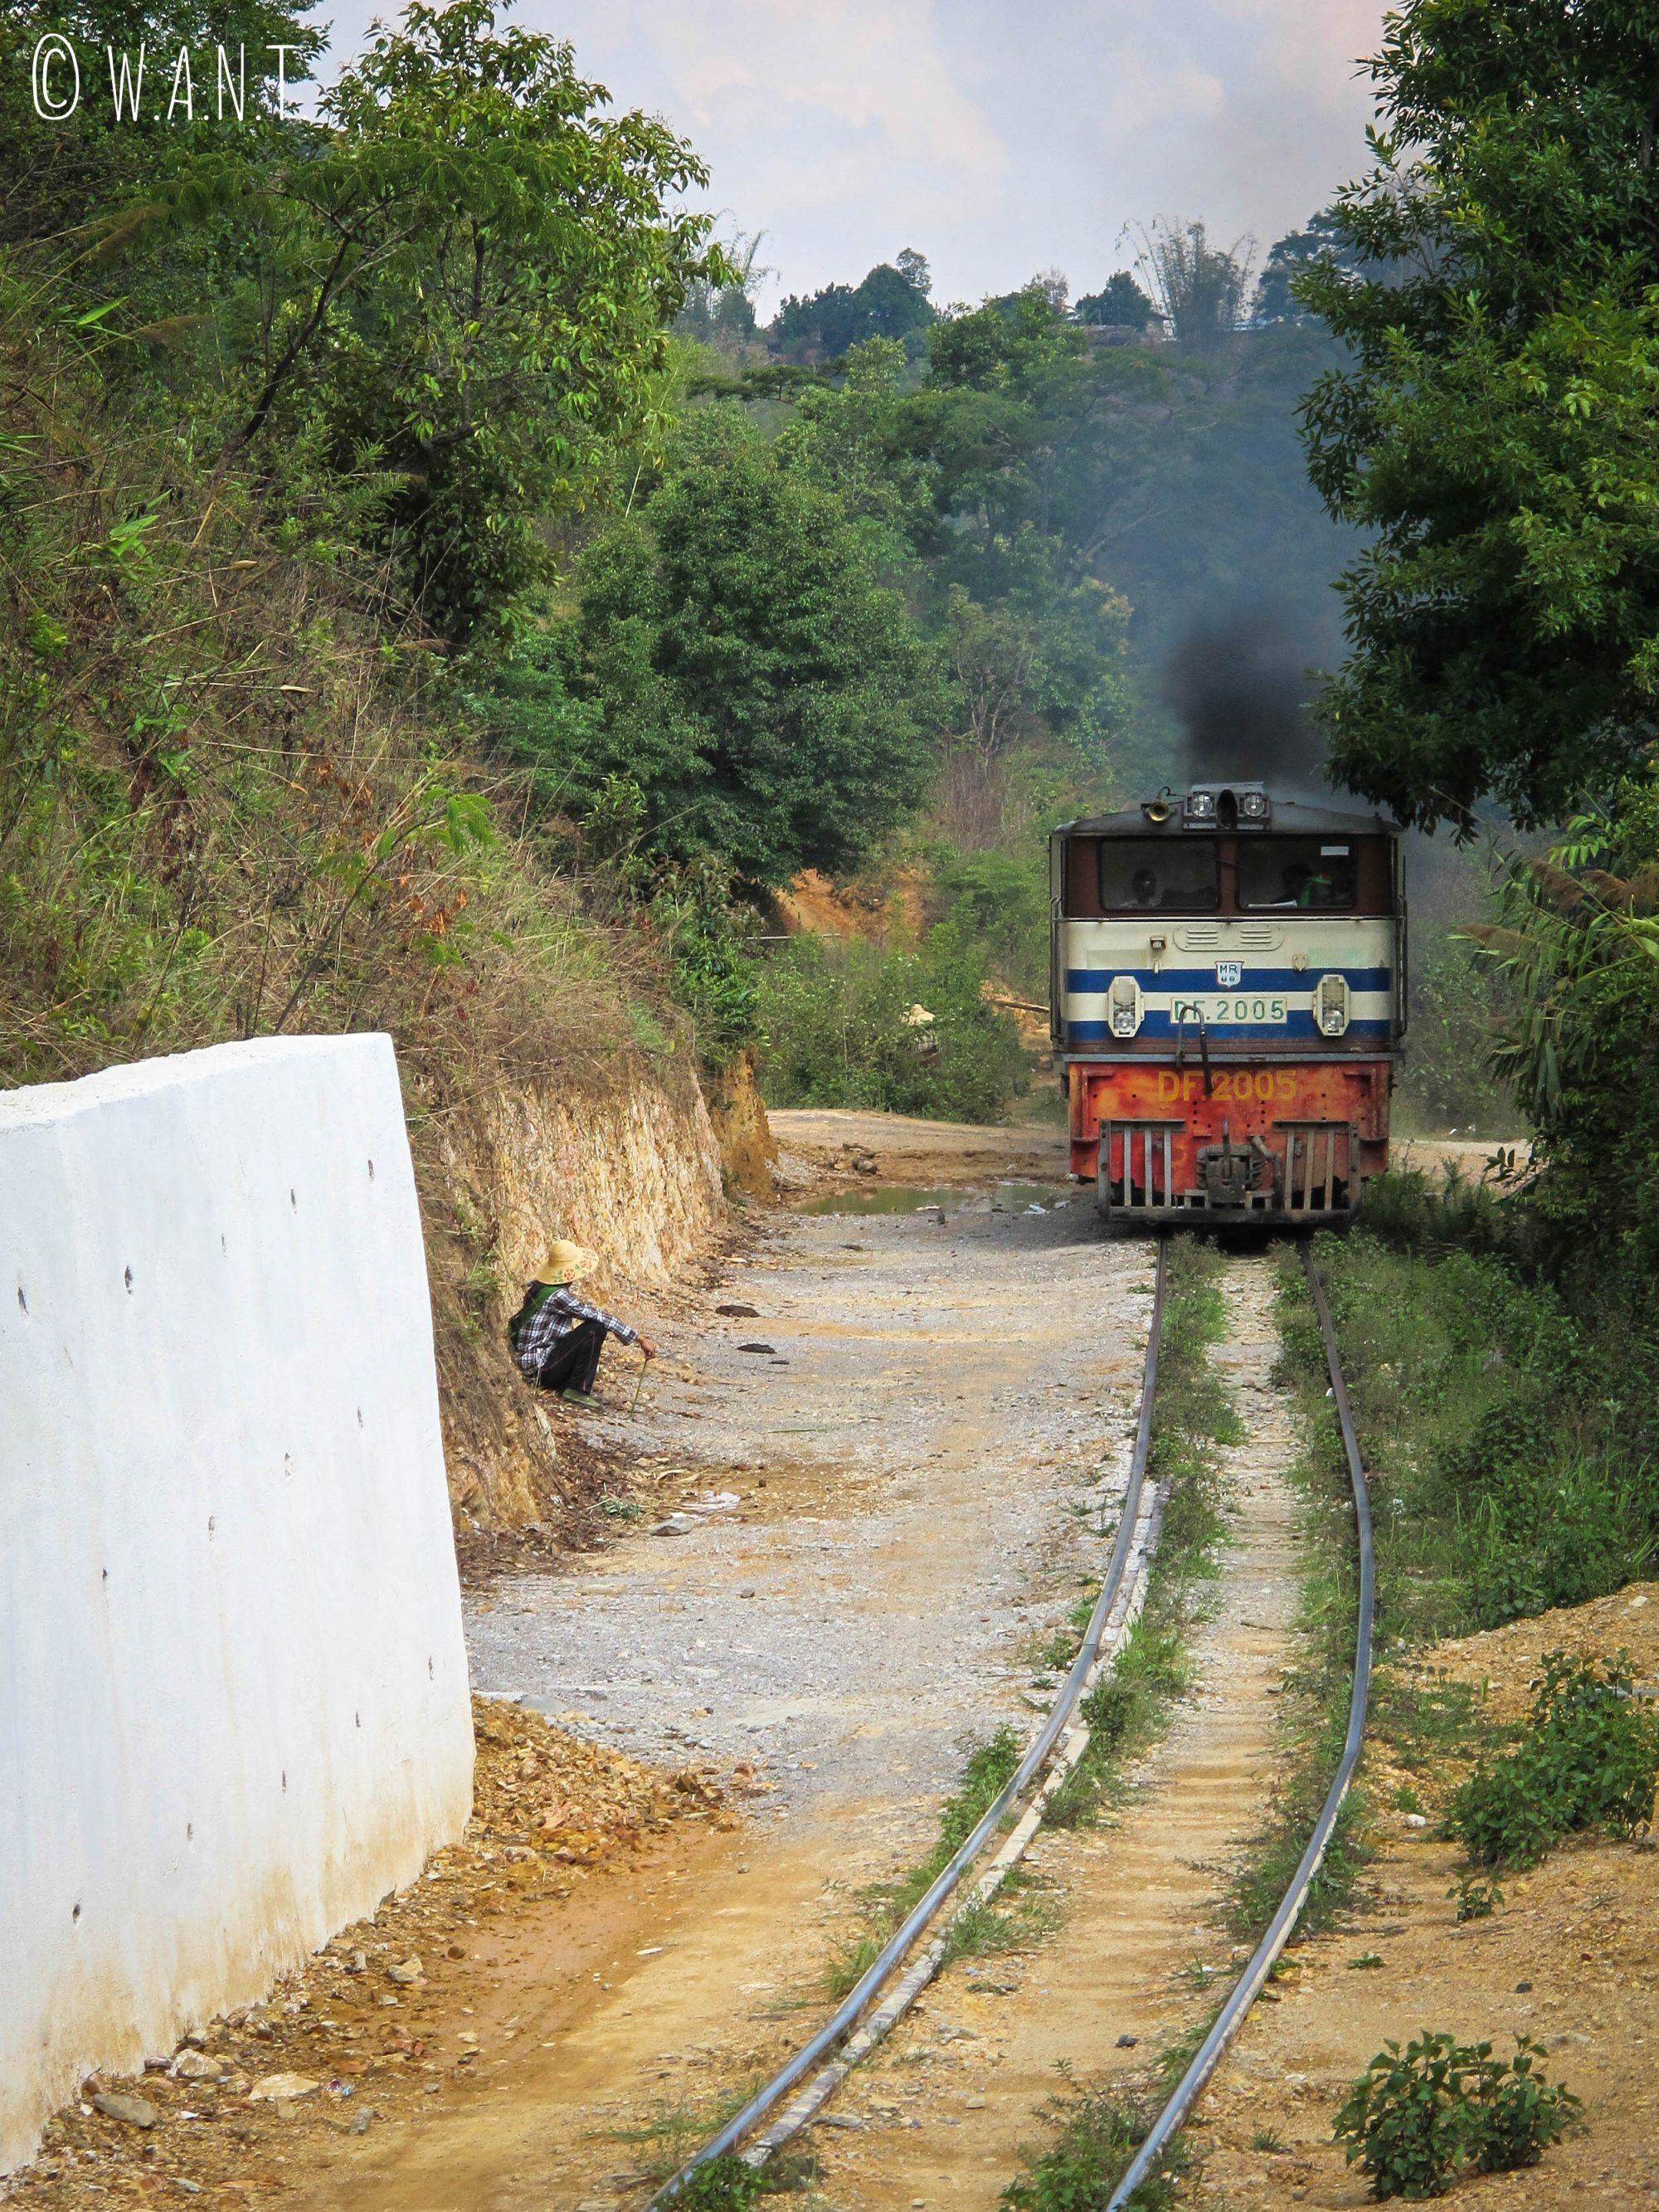 Passage d'un train sur la voie ferrée aux abords de Kalaw au Myanmar